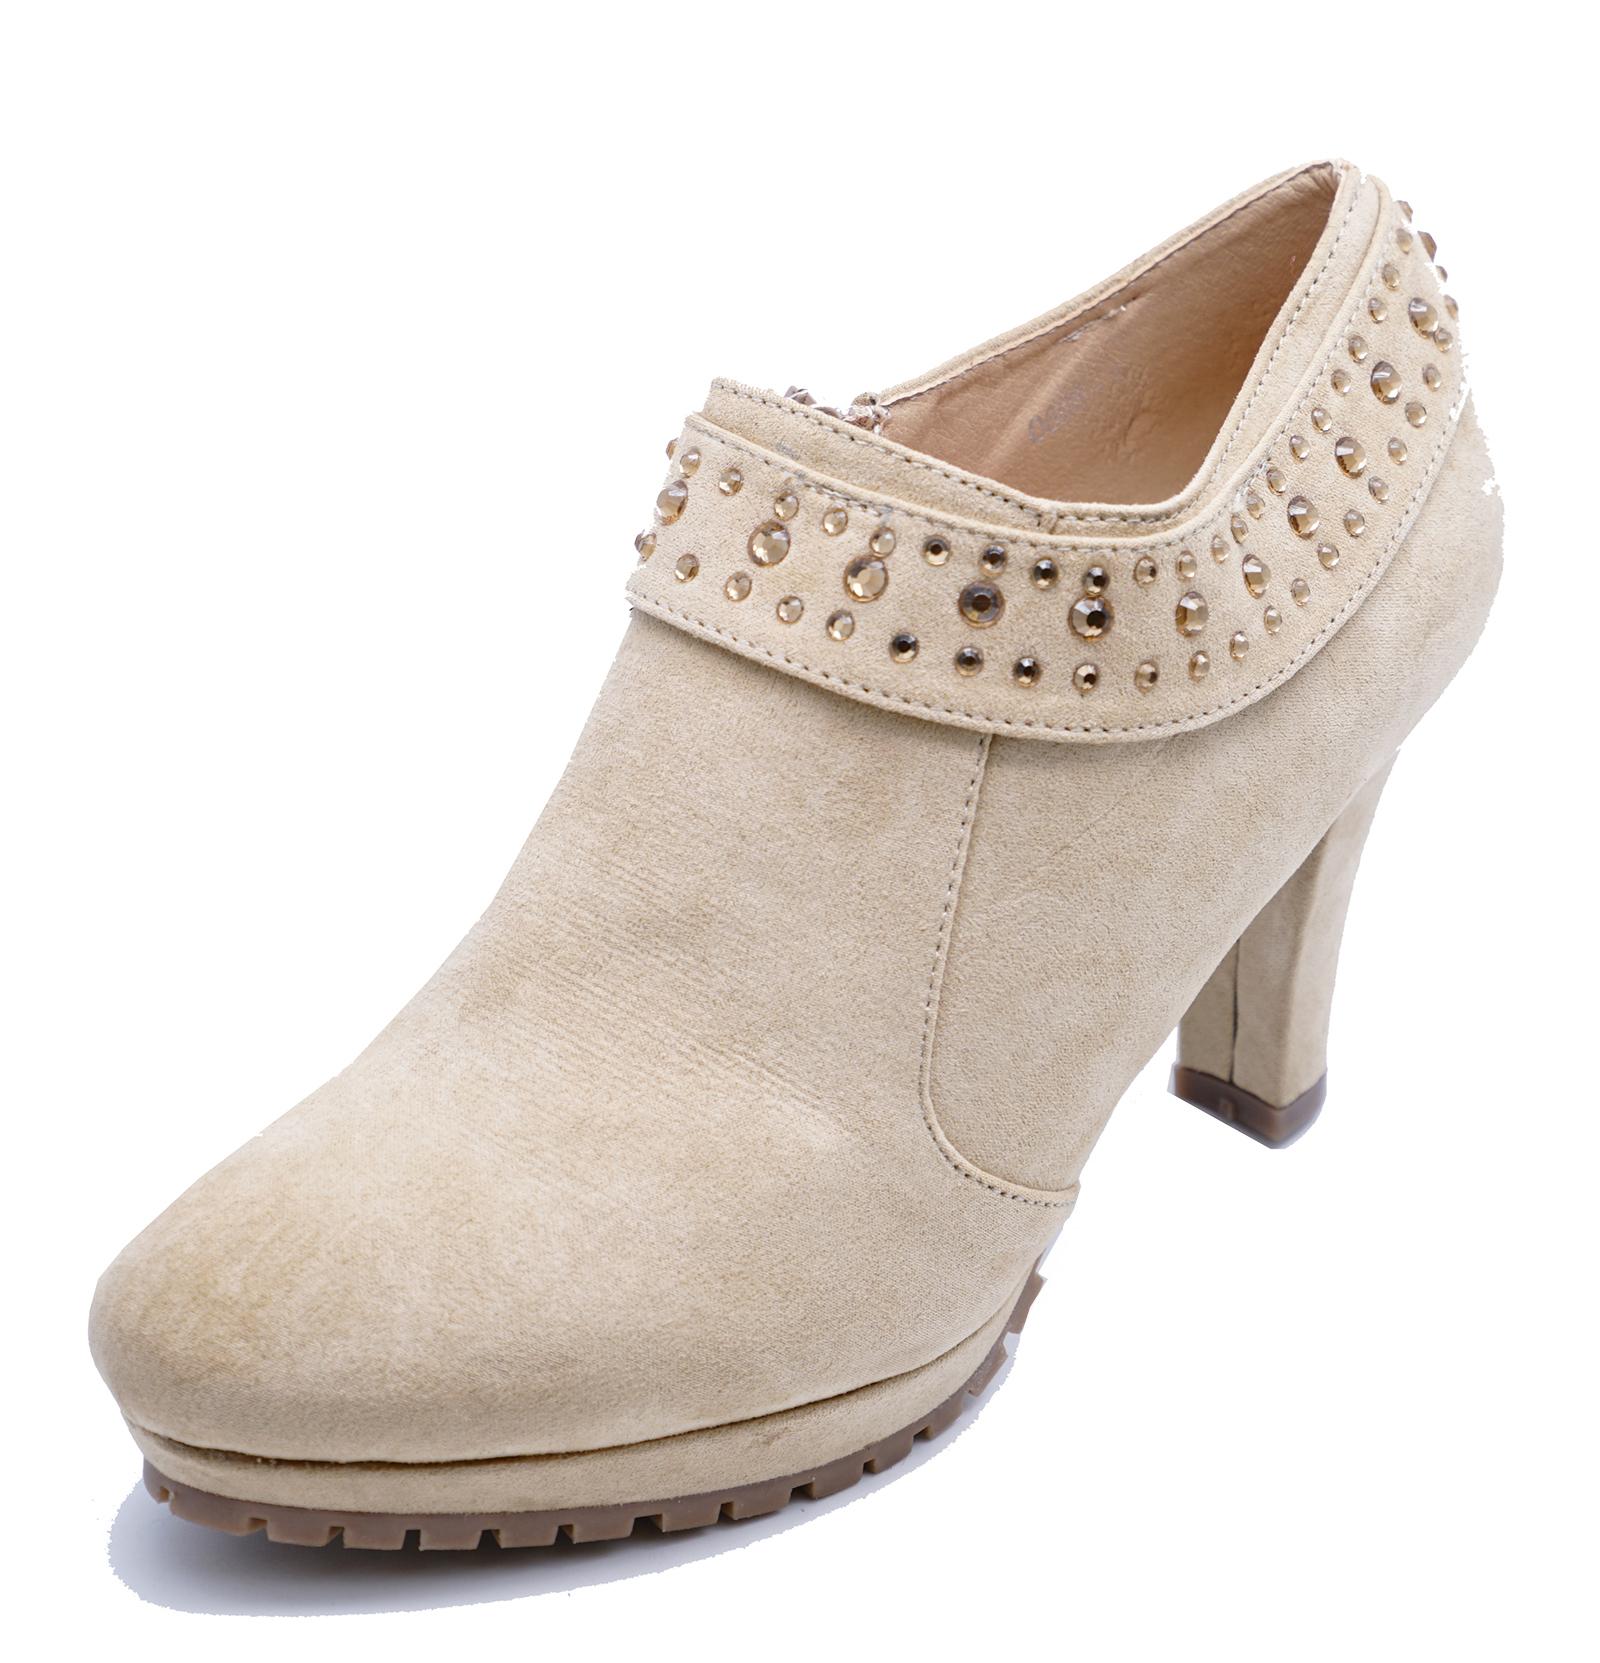 Work Botas up tacón Zip de UK beige mujer Casual para Casual alto UK 8r8wFx5